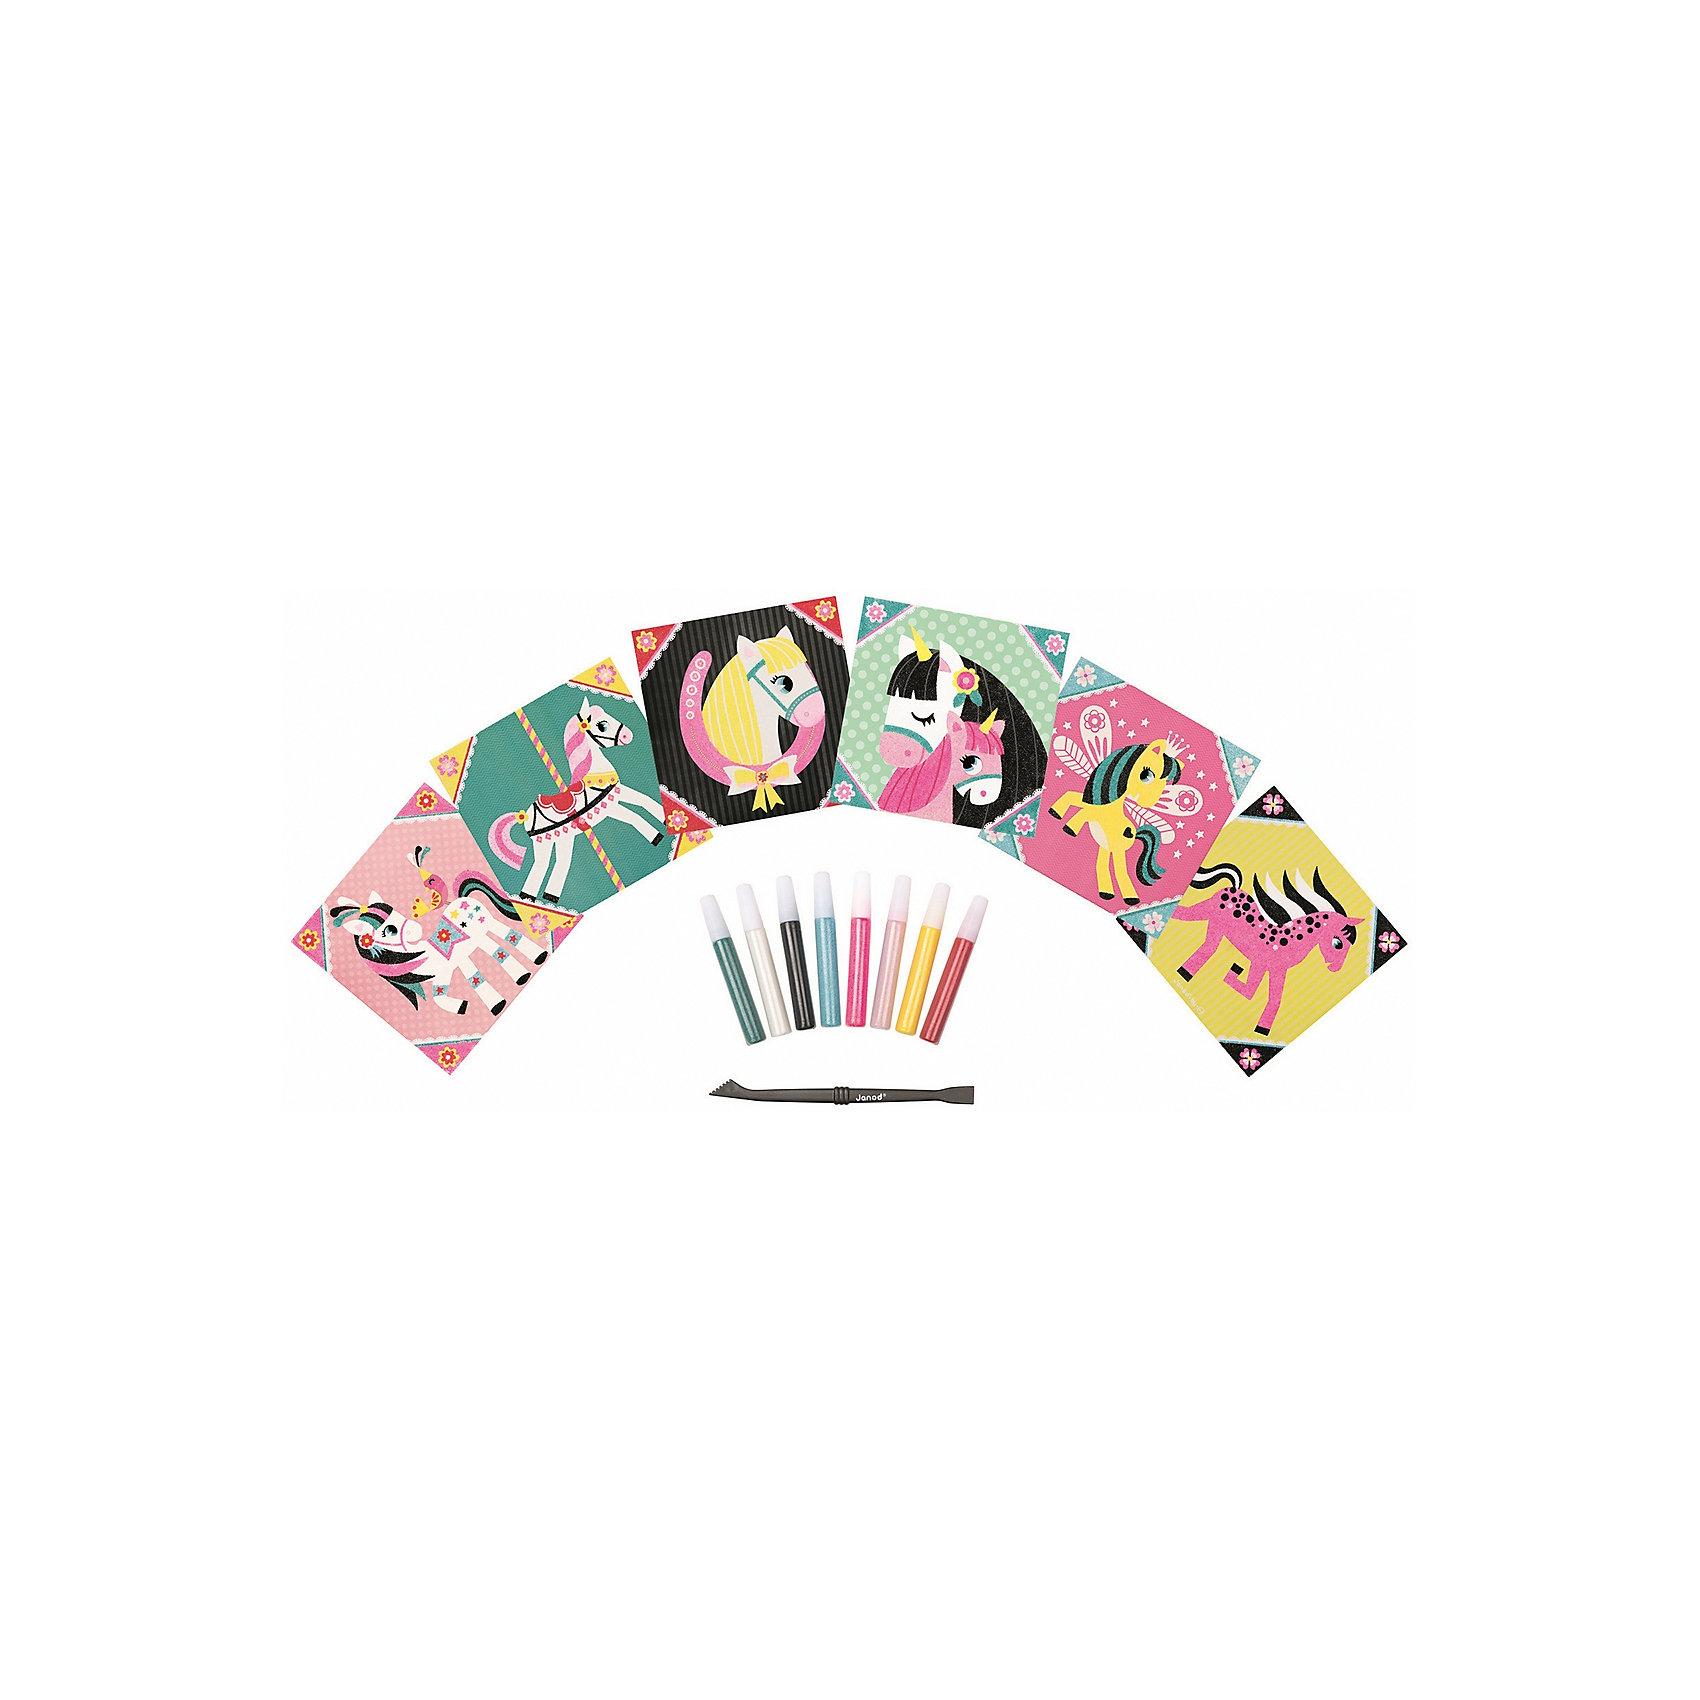 Набор для творчества: посыпаем песком Моя лошадка, 6 карточекКартины из песка<br>Набор для творчества: посыпаем песком Моя лошадка, 6 карточек<br>6 цветных заготовок - картинок с липким слоем, 8 тюбиков с цветным песком, 1 инструмент для работы, 1  удобный чемоданчик для хранения.<br>Цветной буклет - инструкция на русском языке входит в состав всех наборов для творчества<br><br>Ширина мм: 26<br>Глубина мм: 21<br>Высота мм: 4<br>Вес г: 600<br>Возраст от месяцев: 48<br>Возраст до месяцев: 2147483647<br>Пол: Унисекс<br>Возраст: Детский<br>SKU: 4871832